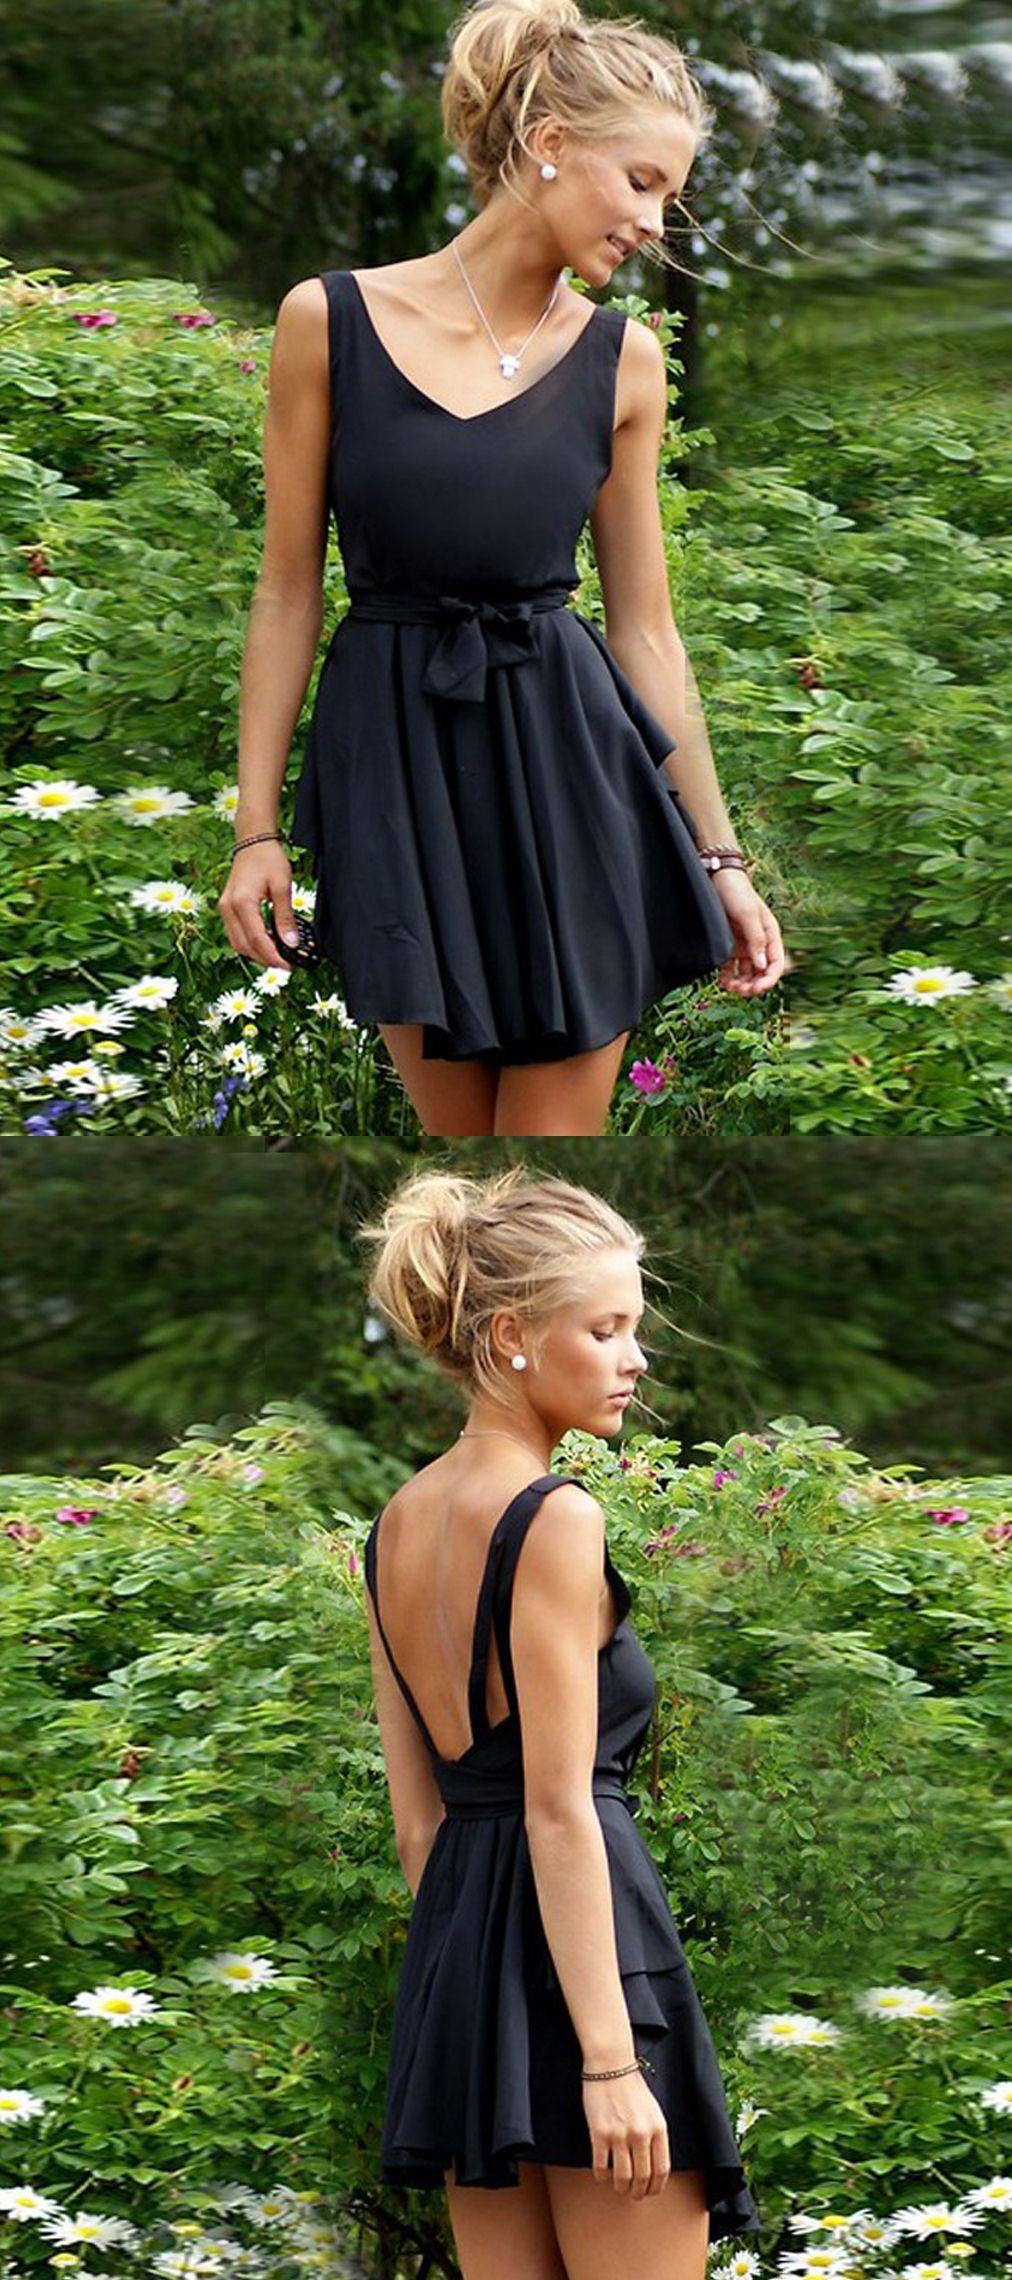 Aline vneck backless polyester little black dress with sash